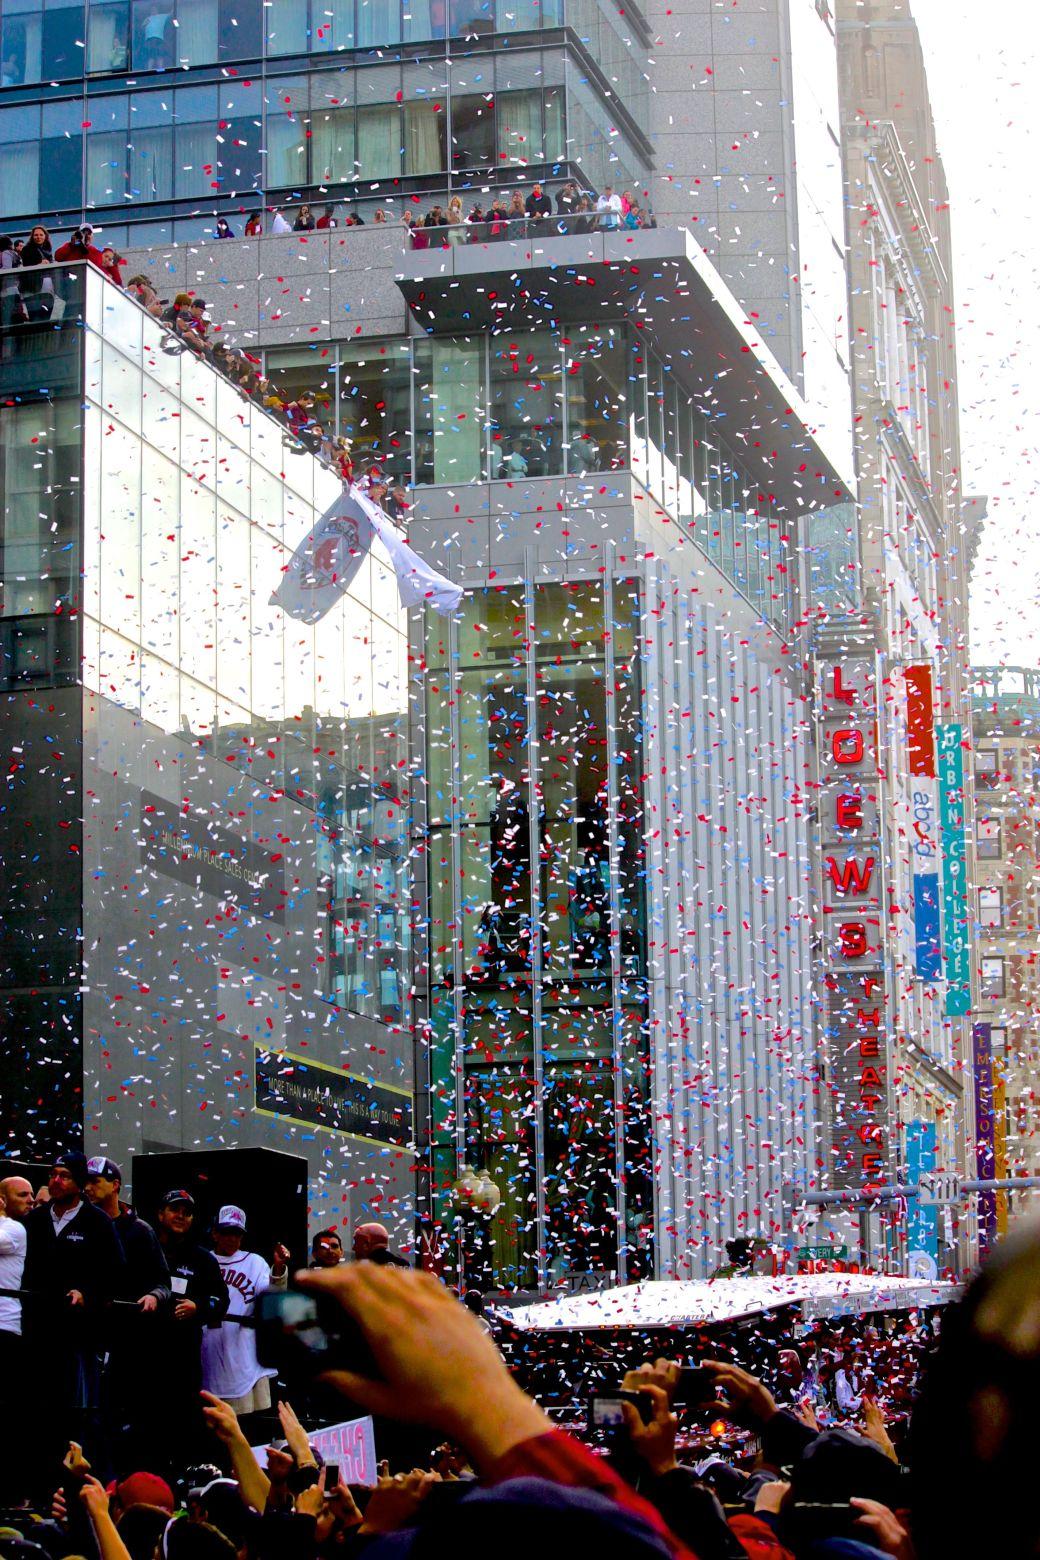 boston red sox world series celebration 2013 confetti